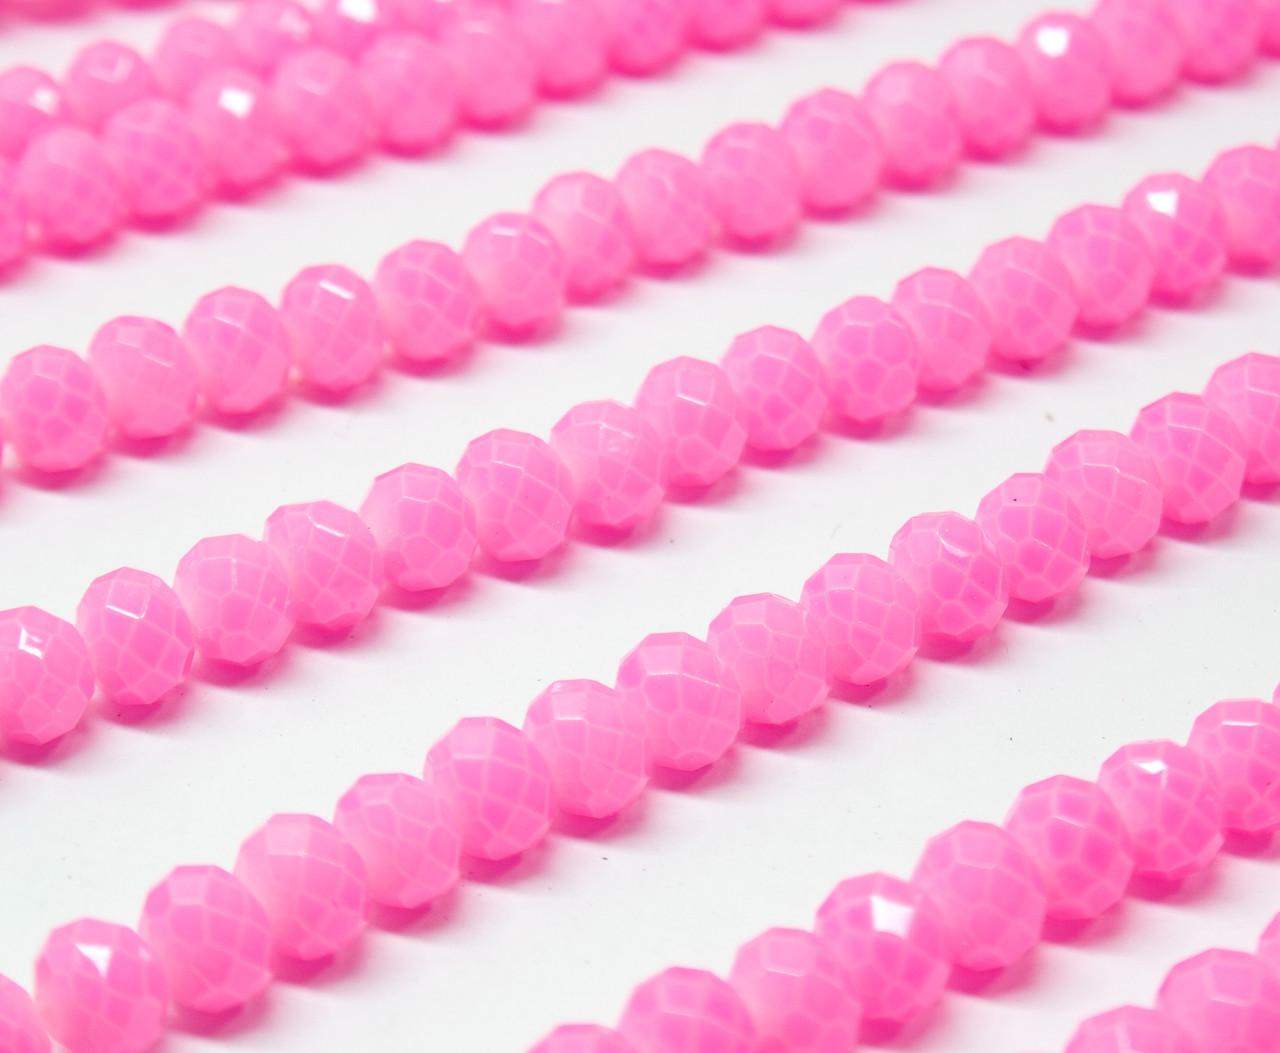 Бусины хрустальные (Рондель)  6х4мм пачка - 85-95 шт, цвет - розовый кракелюр